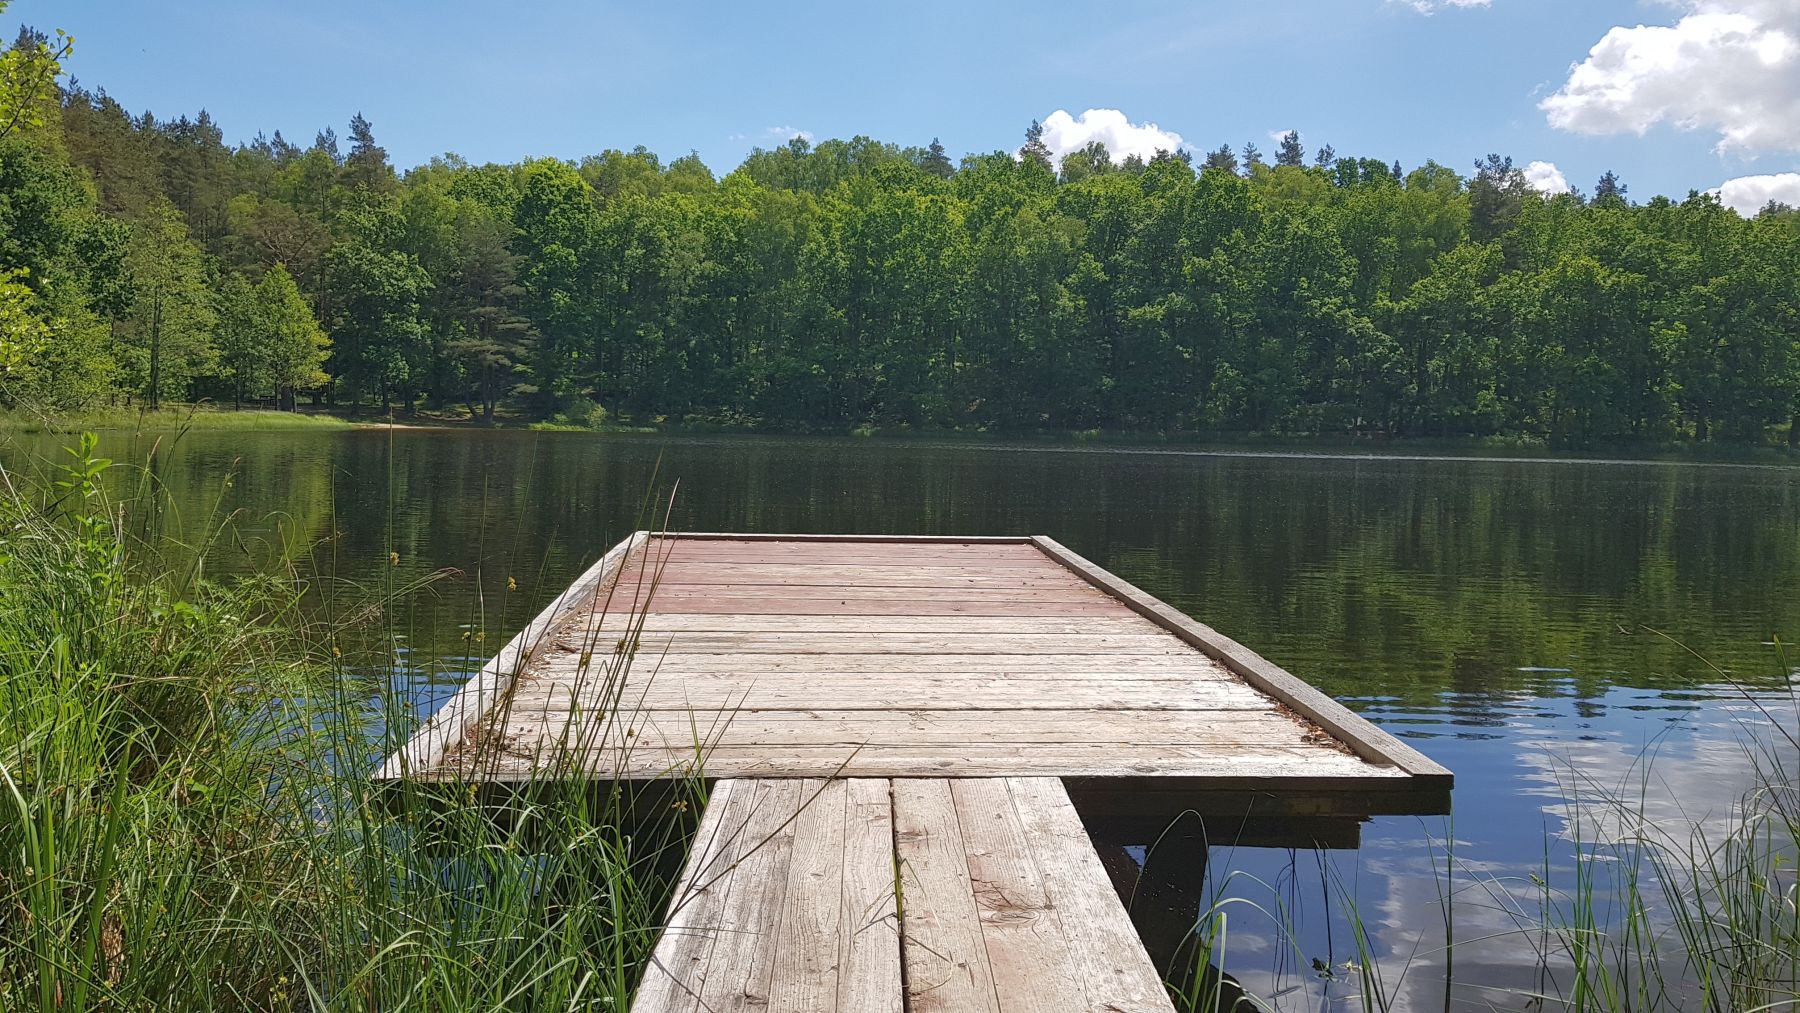 Zdjęcie przedstawia pomost z widokiem na Jezioro w Pękaninie.